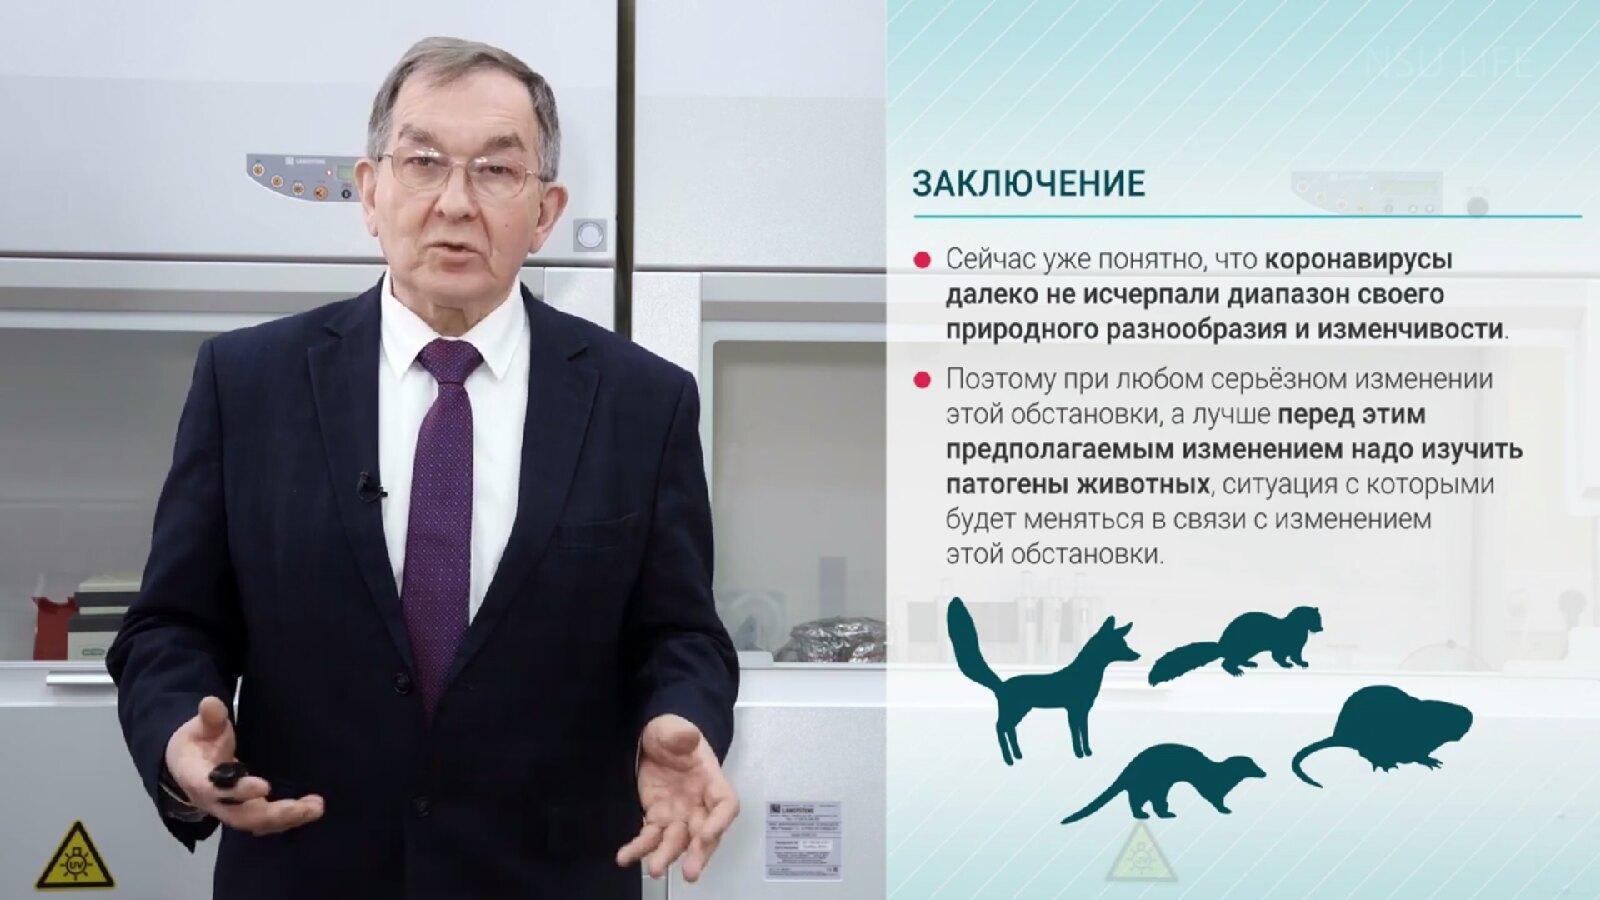 фото Новосибирский учёный заявил о непобедимости коронавируса 2